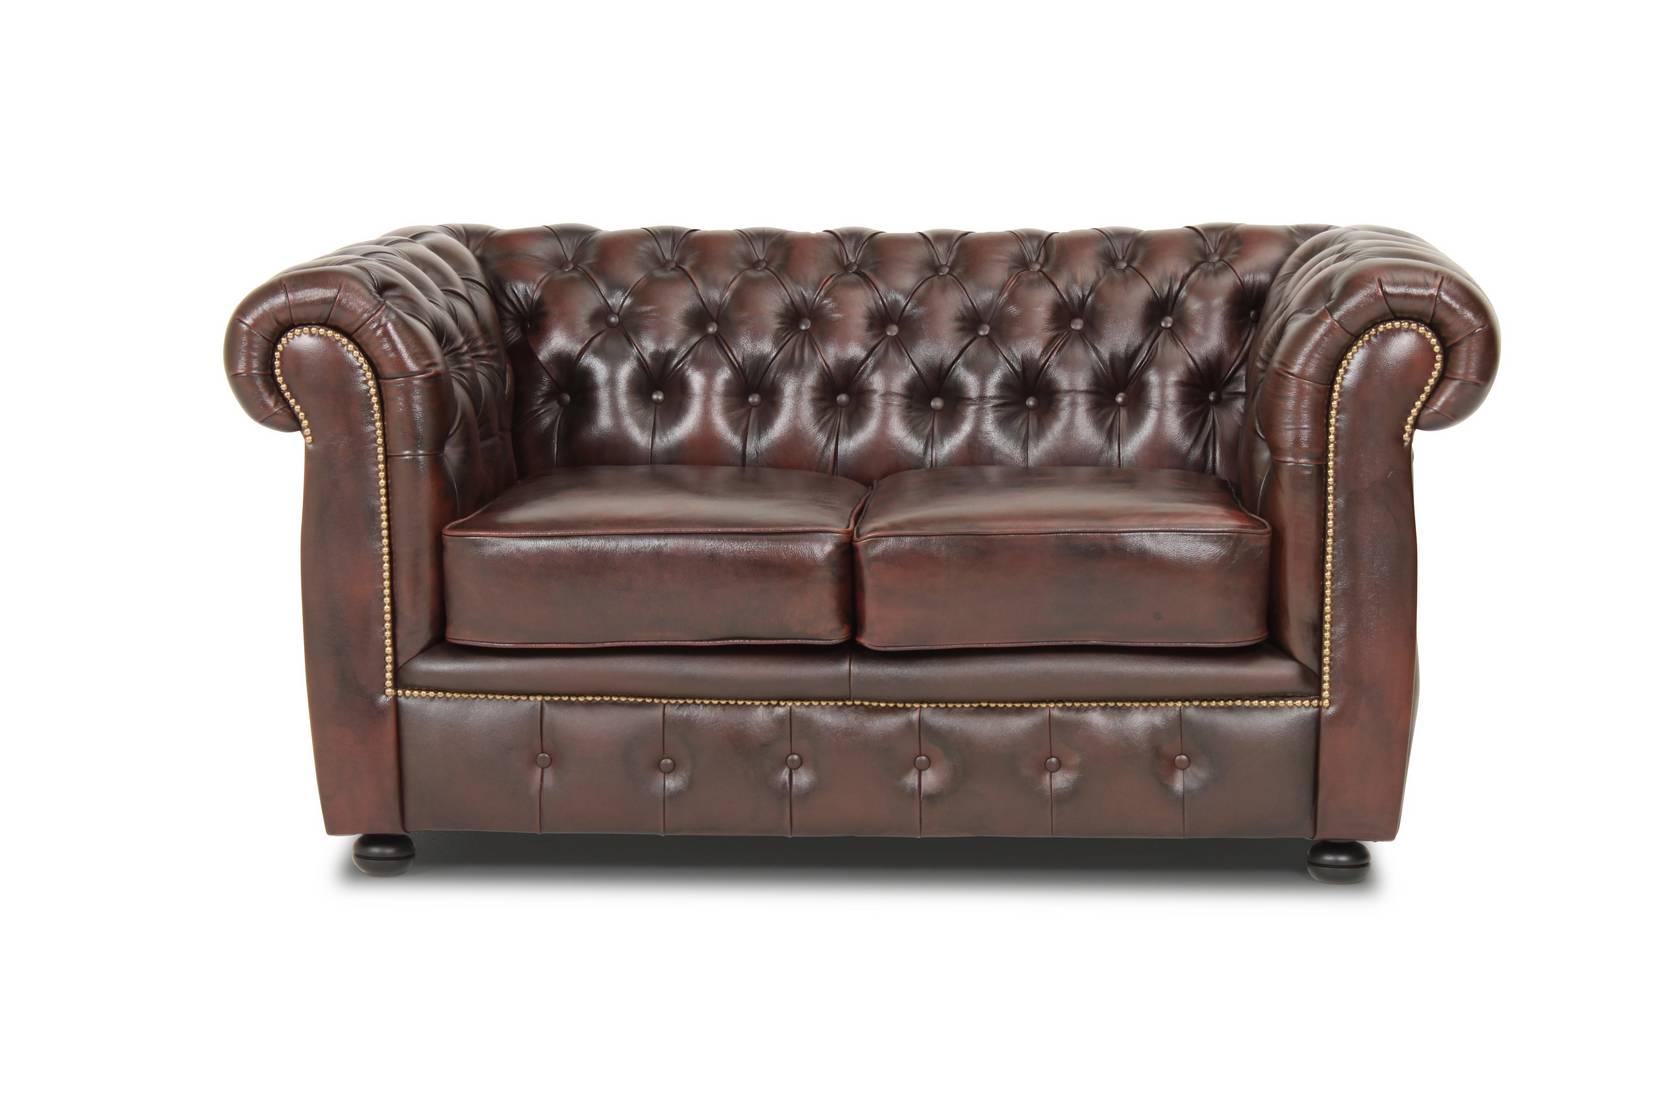 Chesterfield London -sohva, 2:n istuttava